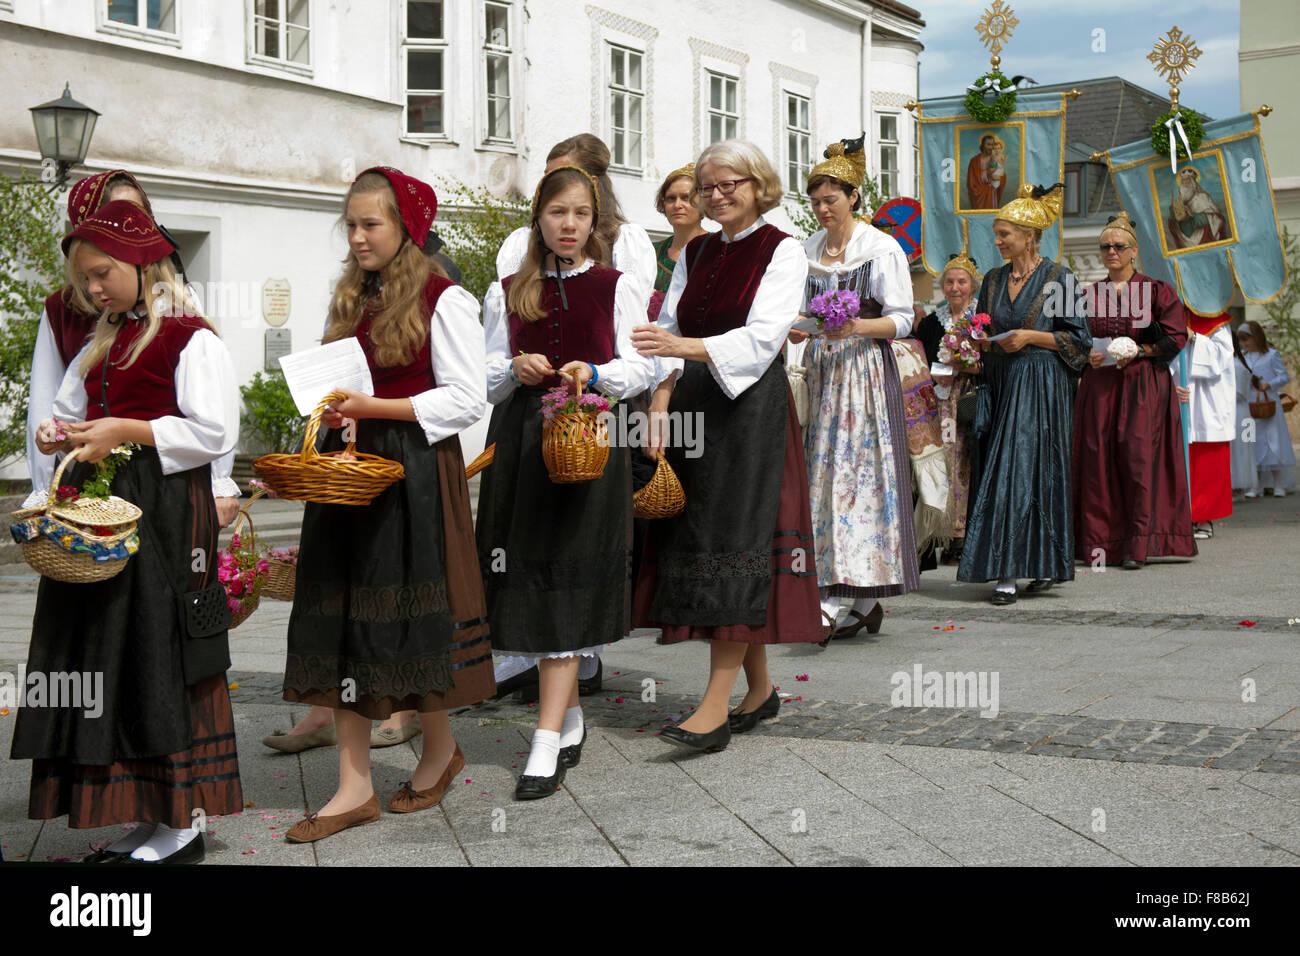 Österreich, Niederösterreich, Scheibbs, Frauen und Mädchen bei der Frohnleichnamsprozession mit der - Stock Image